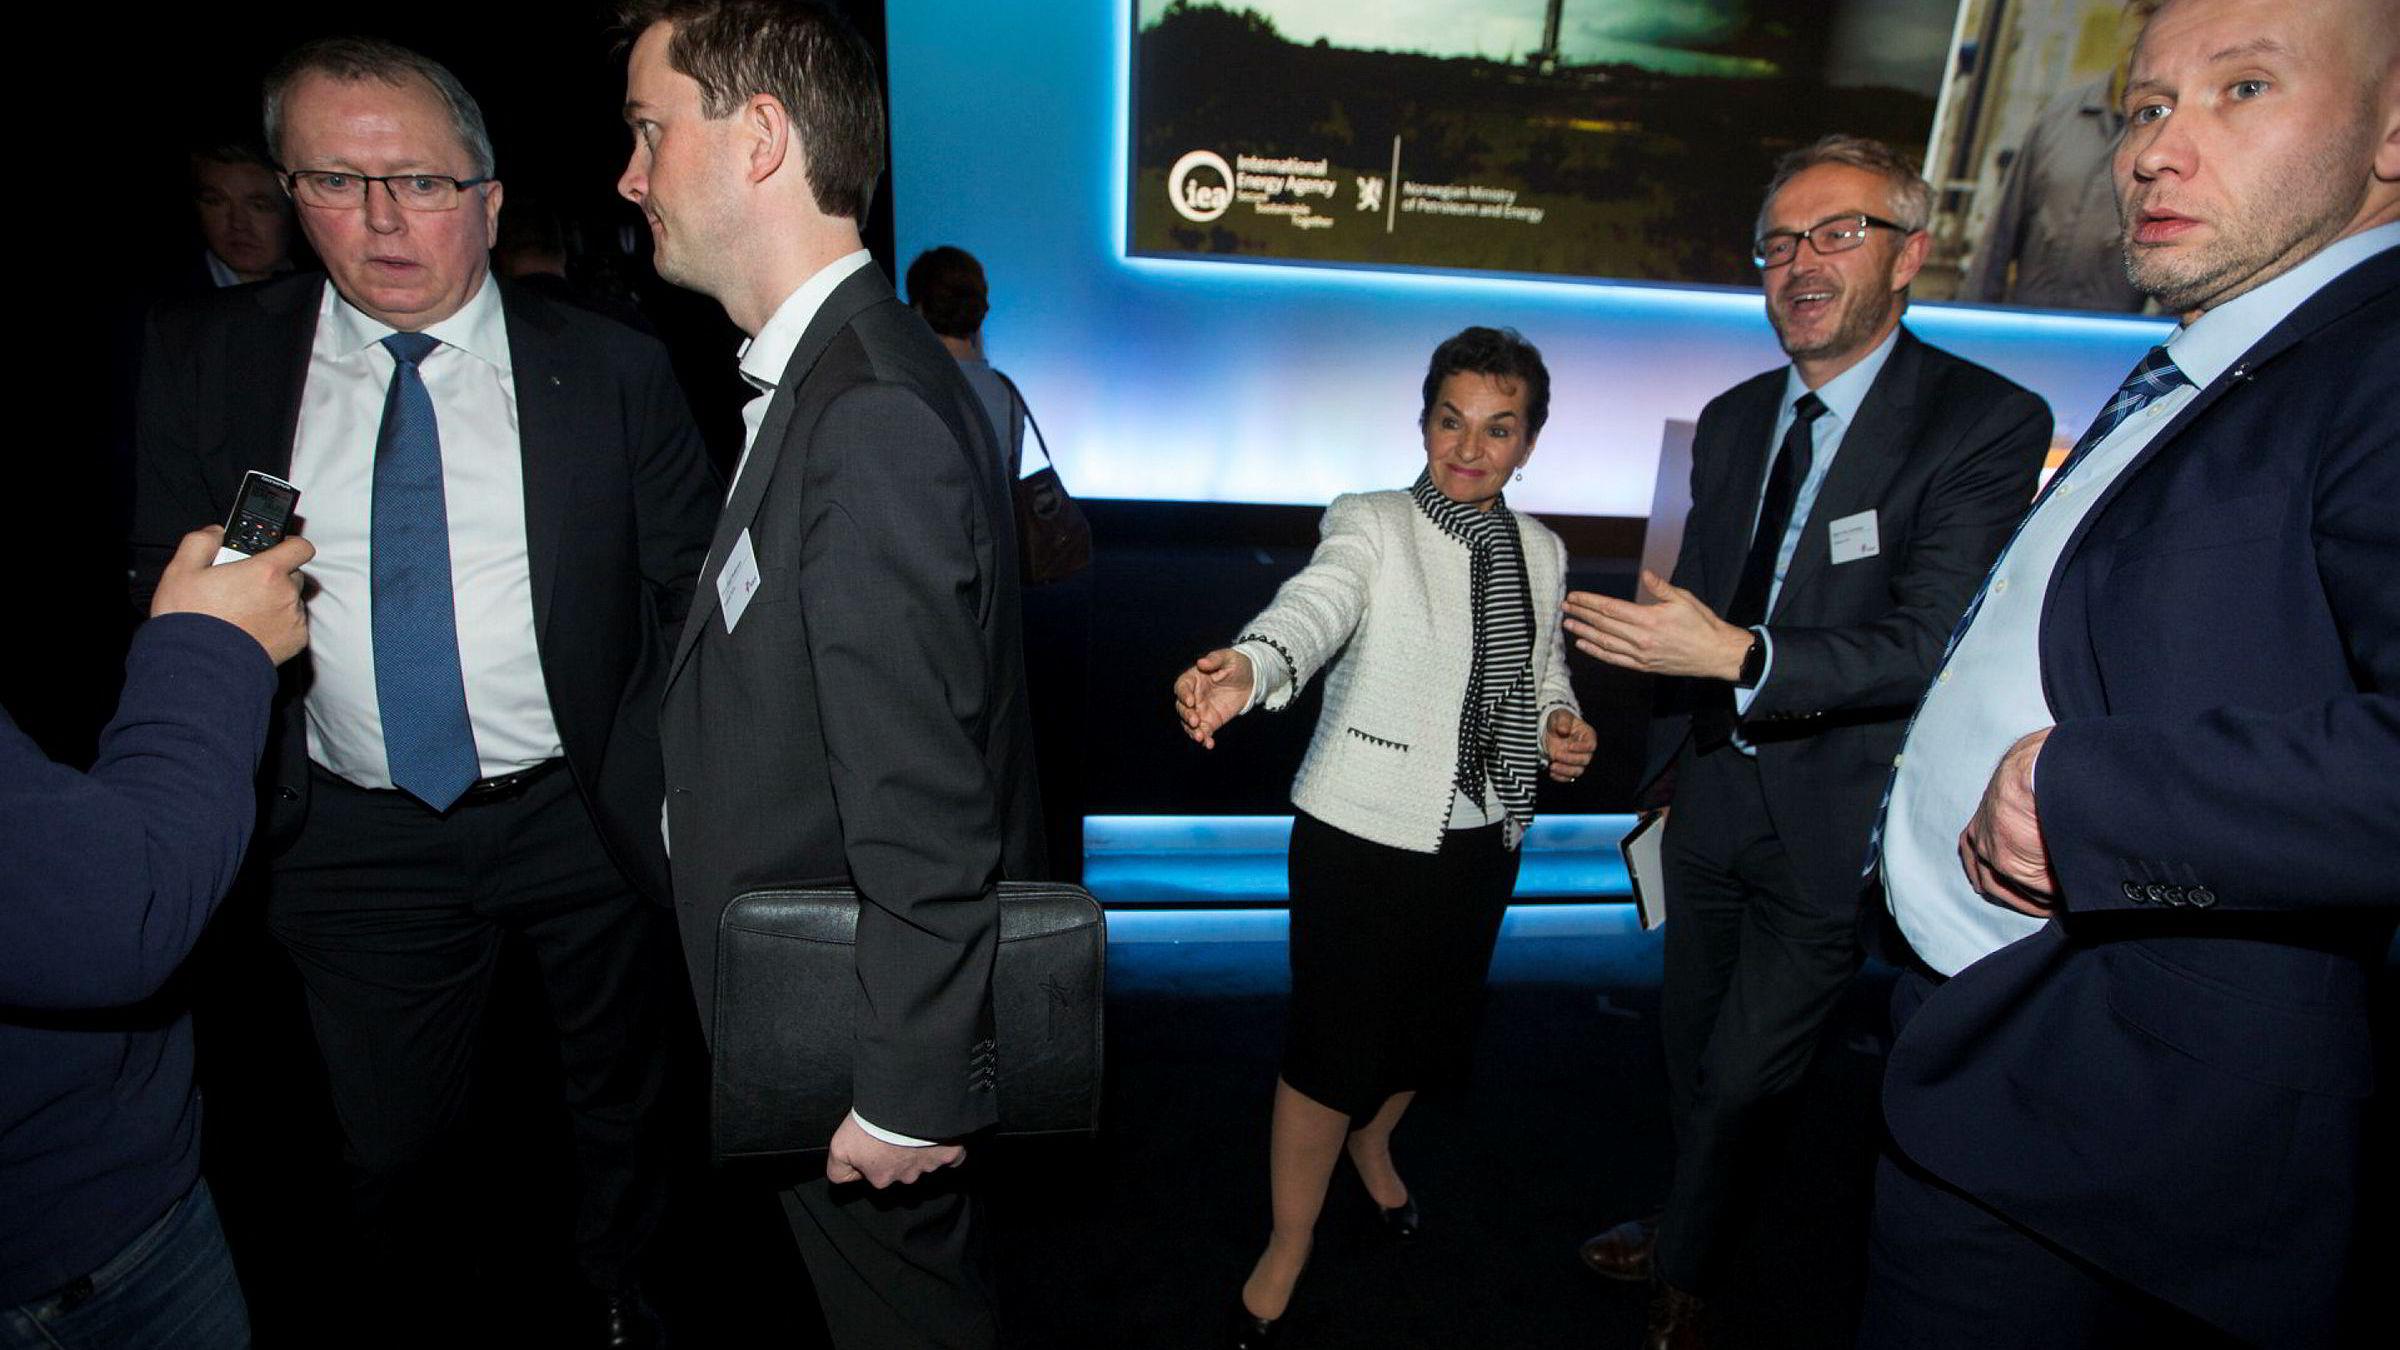 Statoil-sjef Eldar Sætre, Statoil-kommunikasjonsdirektør Bård Glad Pedersen, FNs klimasjef Christiana Figueres, Statoils Bjørn Otto Sverdrup og olje- og energiminister Tord Lien snakker sammen på scenen etter Statoils høstkonferanse.